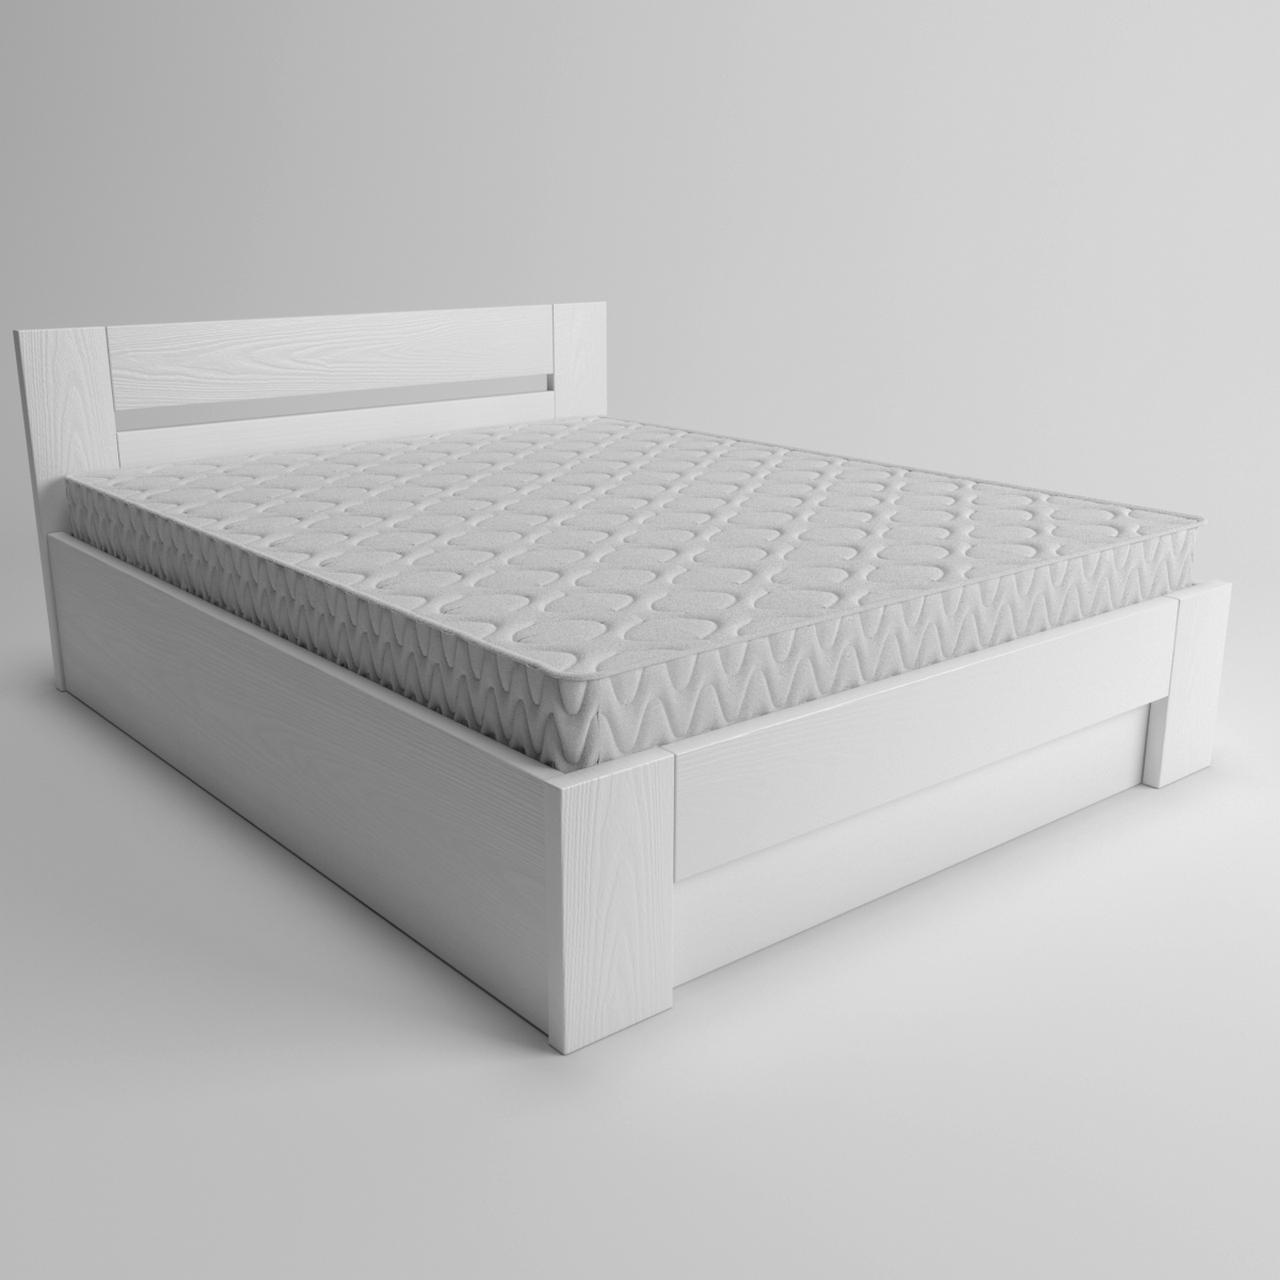 Ліжко дерев'яна односпальне Лондон з підйомним механізмом (масив ясеня)